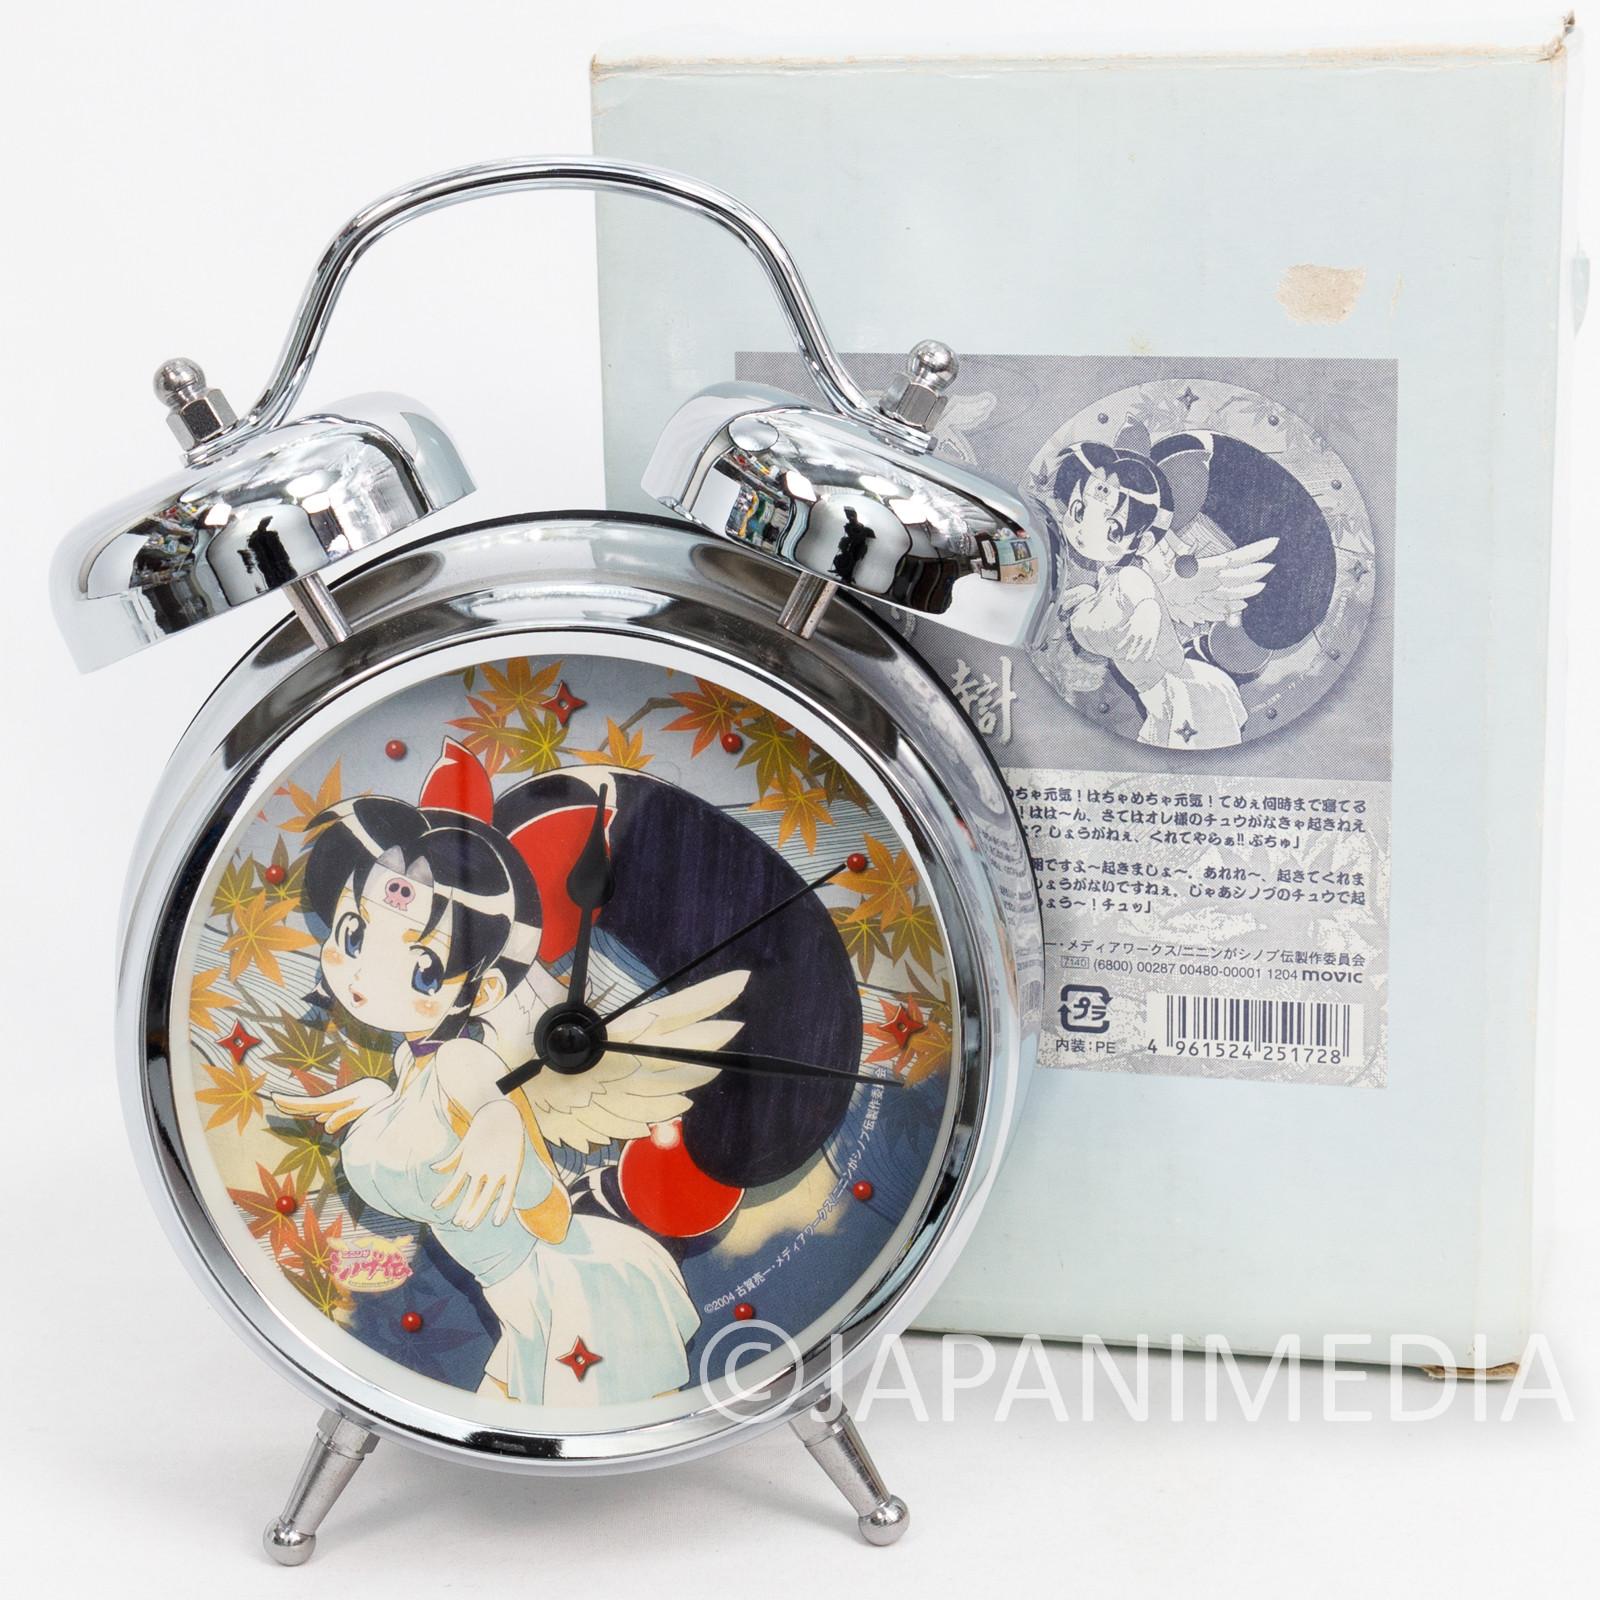 Ninja Nonsense : Ninin Ga Shinobu Den Voice Alarm Clock JAPAN ANIME